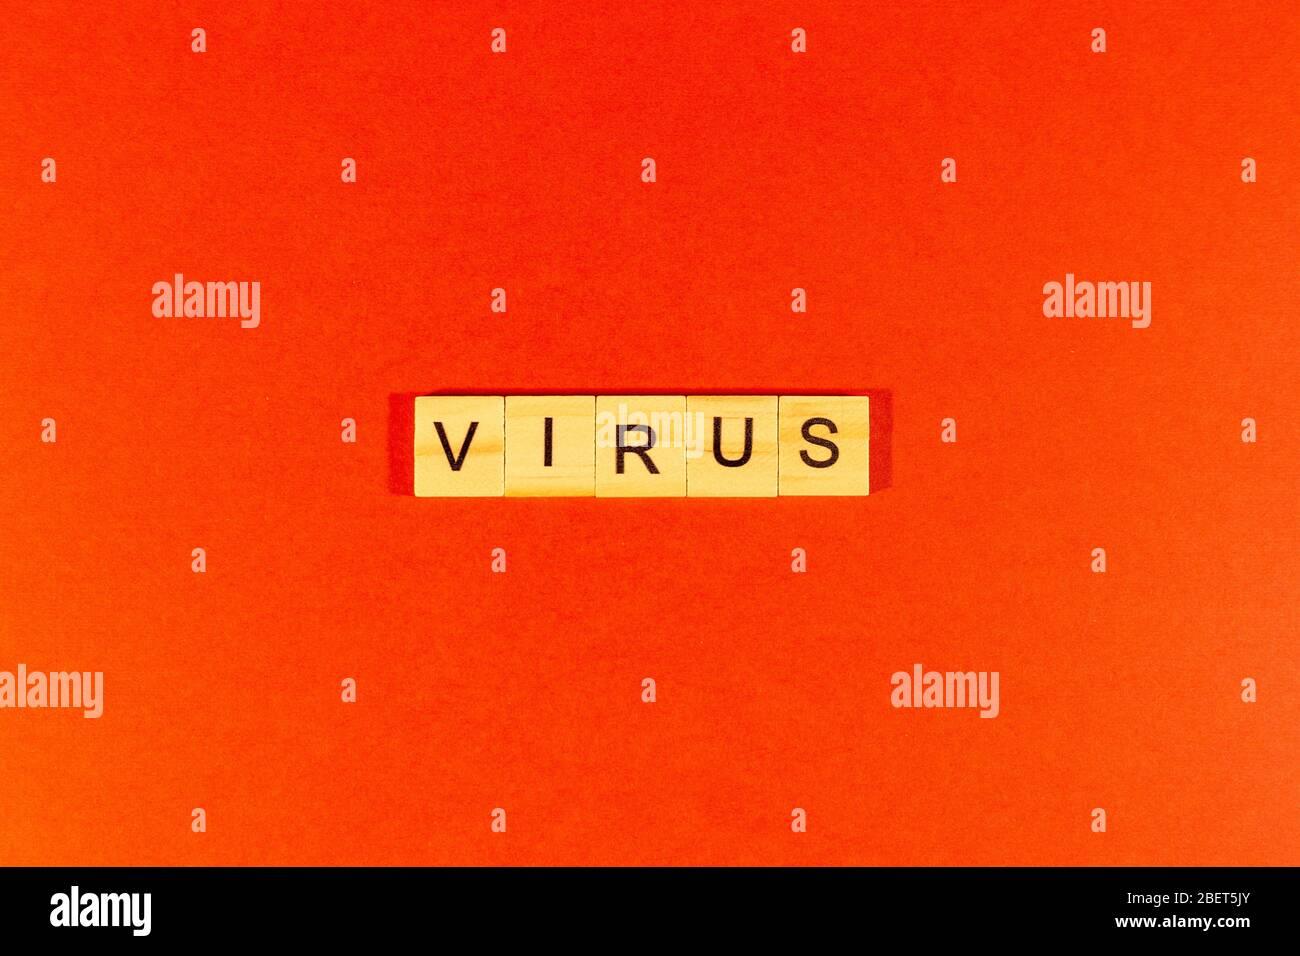 Virus the word is written on a red background. Novel coronavirus - 2019-nCoV, WUHAN virus concept. Chinese coronavirus outbreak. Red background Stock Photo